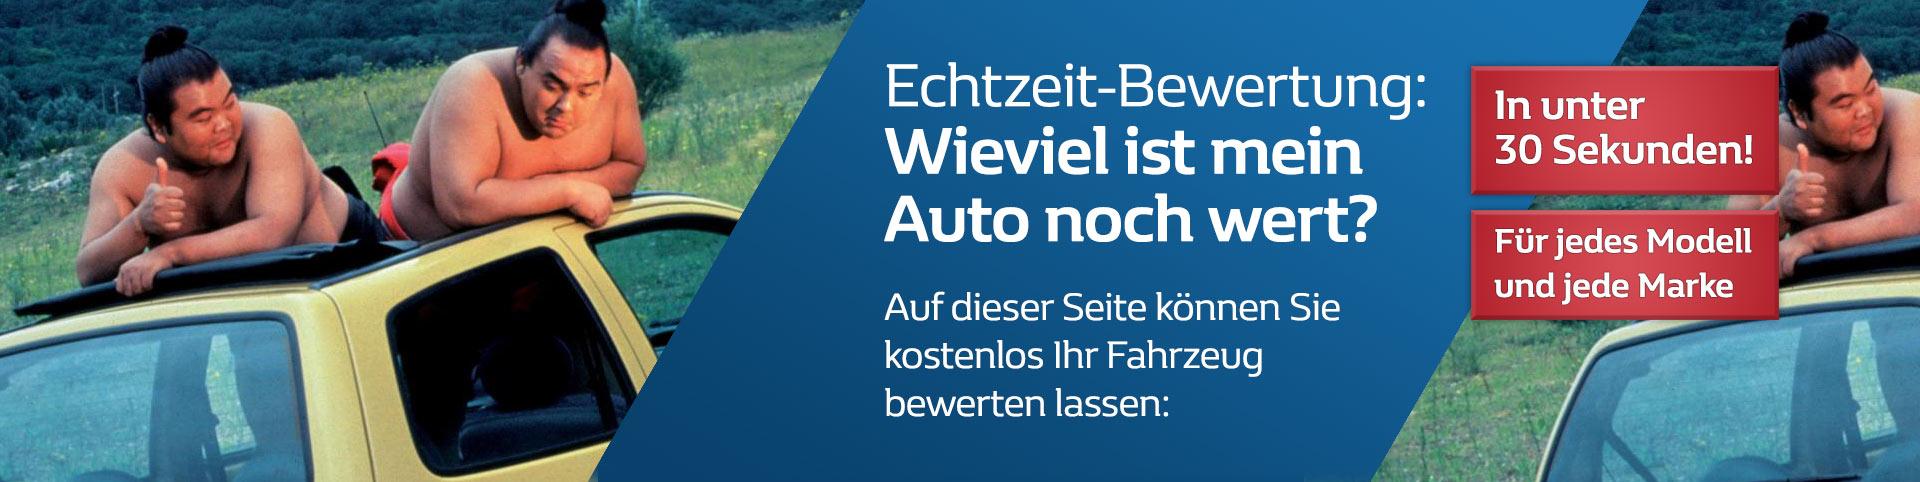 Fahrzeugbewertung in Echtzeit: Autozentrum P&A-Preckel